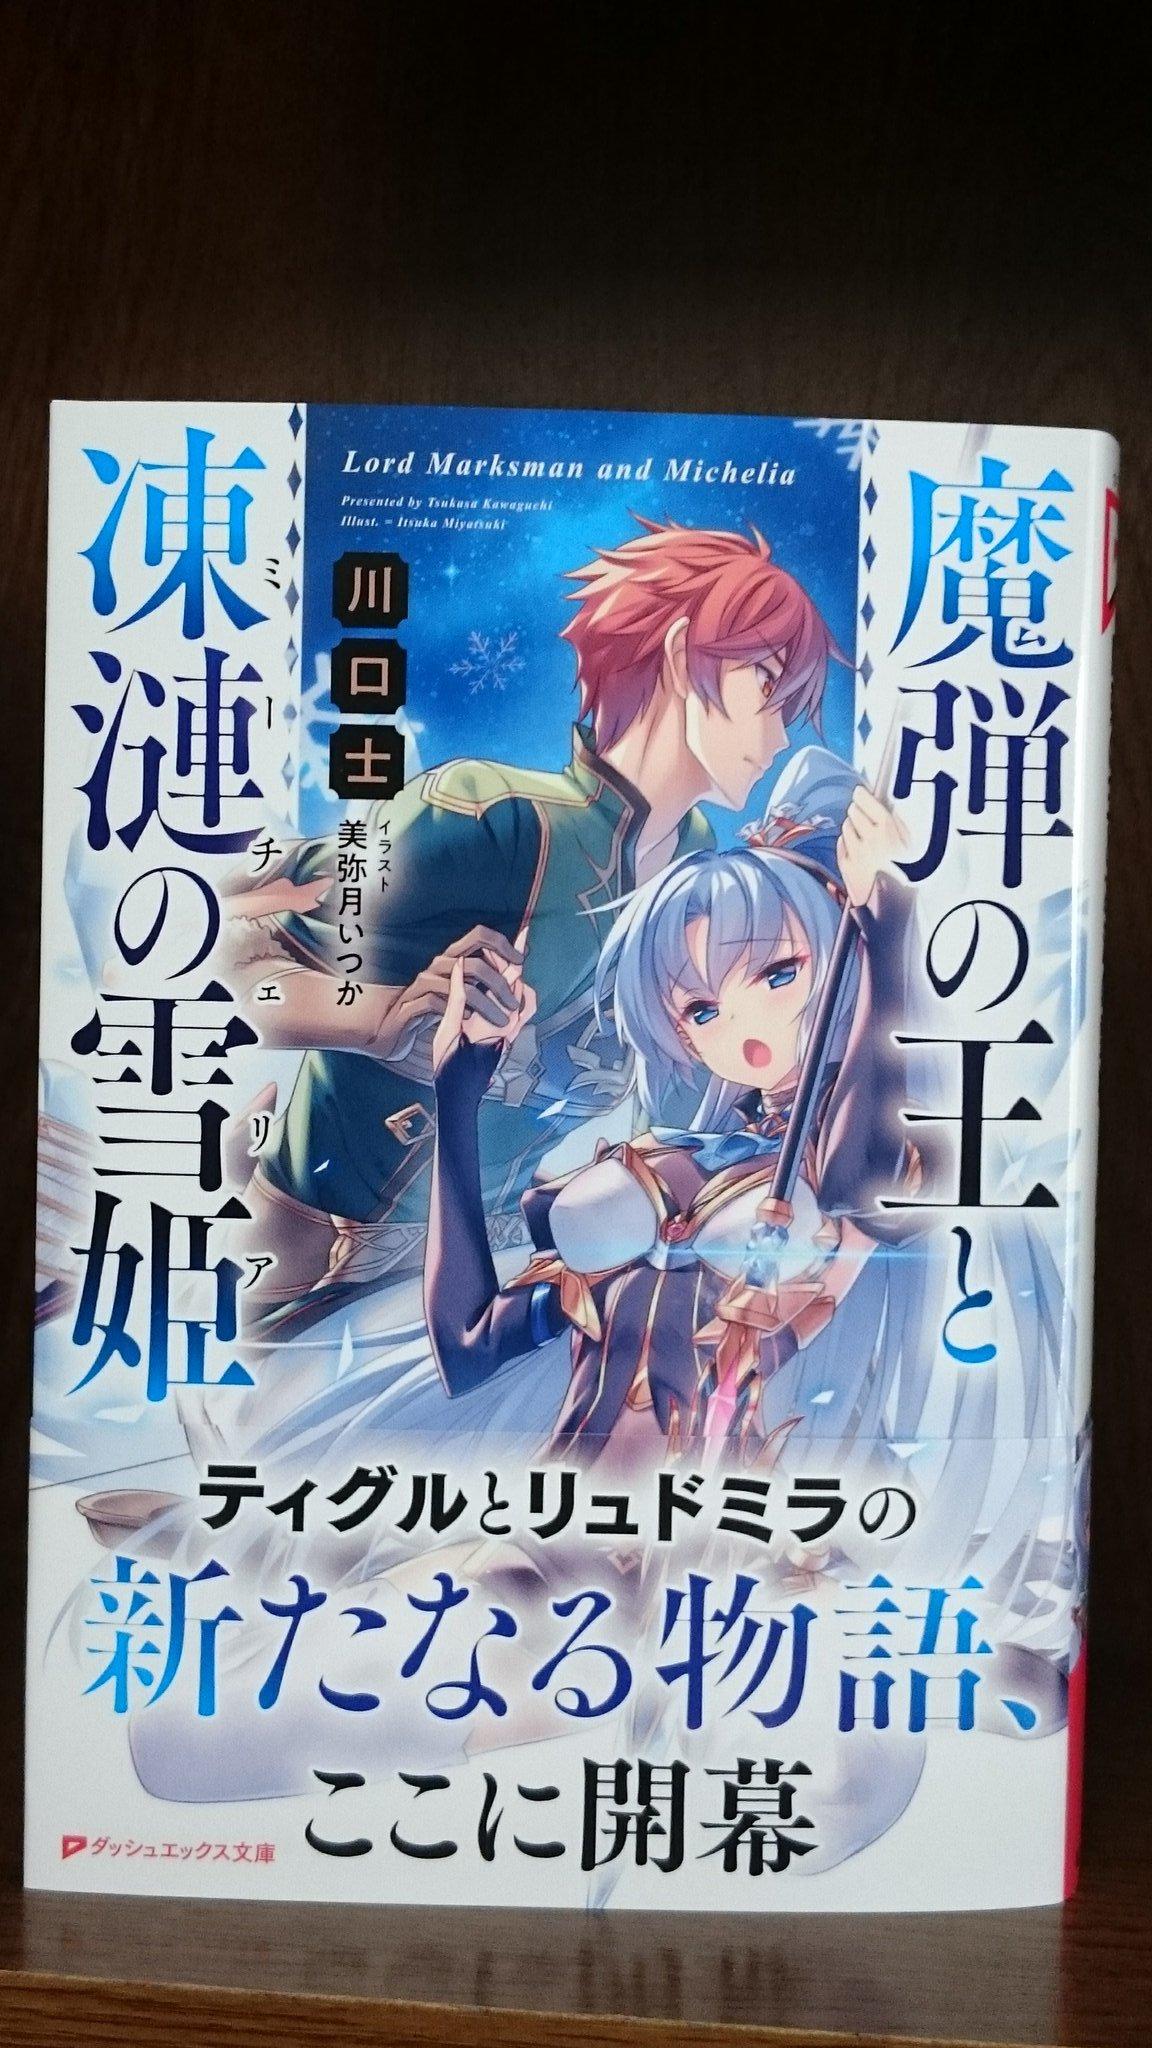 「魔弾の王と凍漣の雪姫」発売です!_e0172041_23070858.jpg